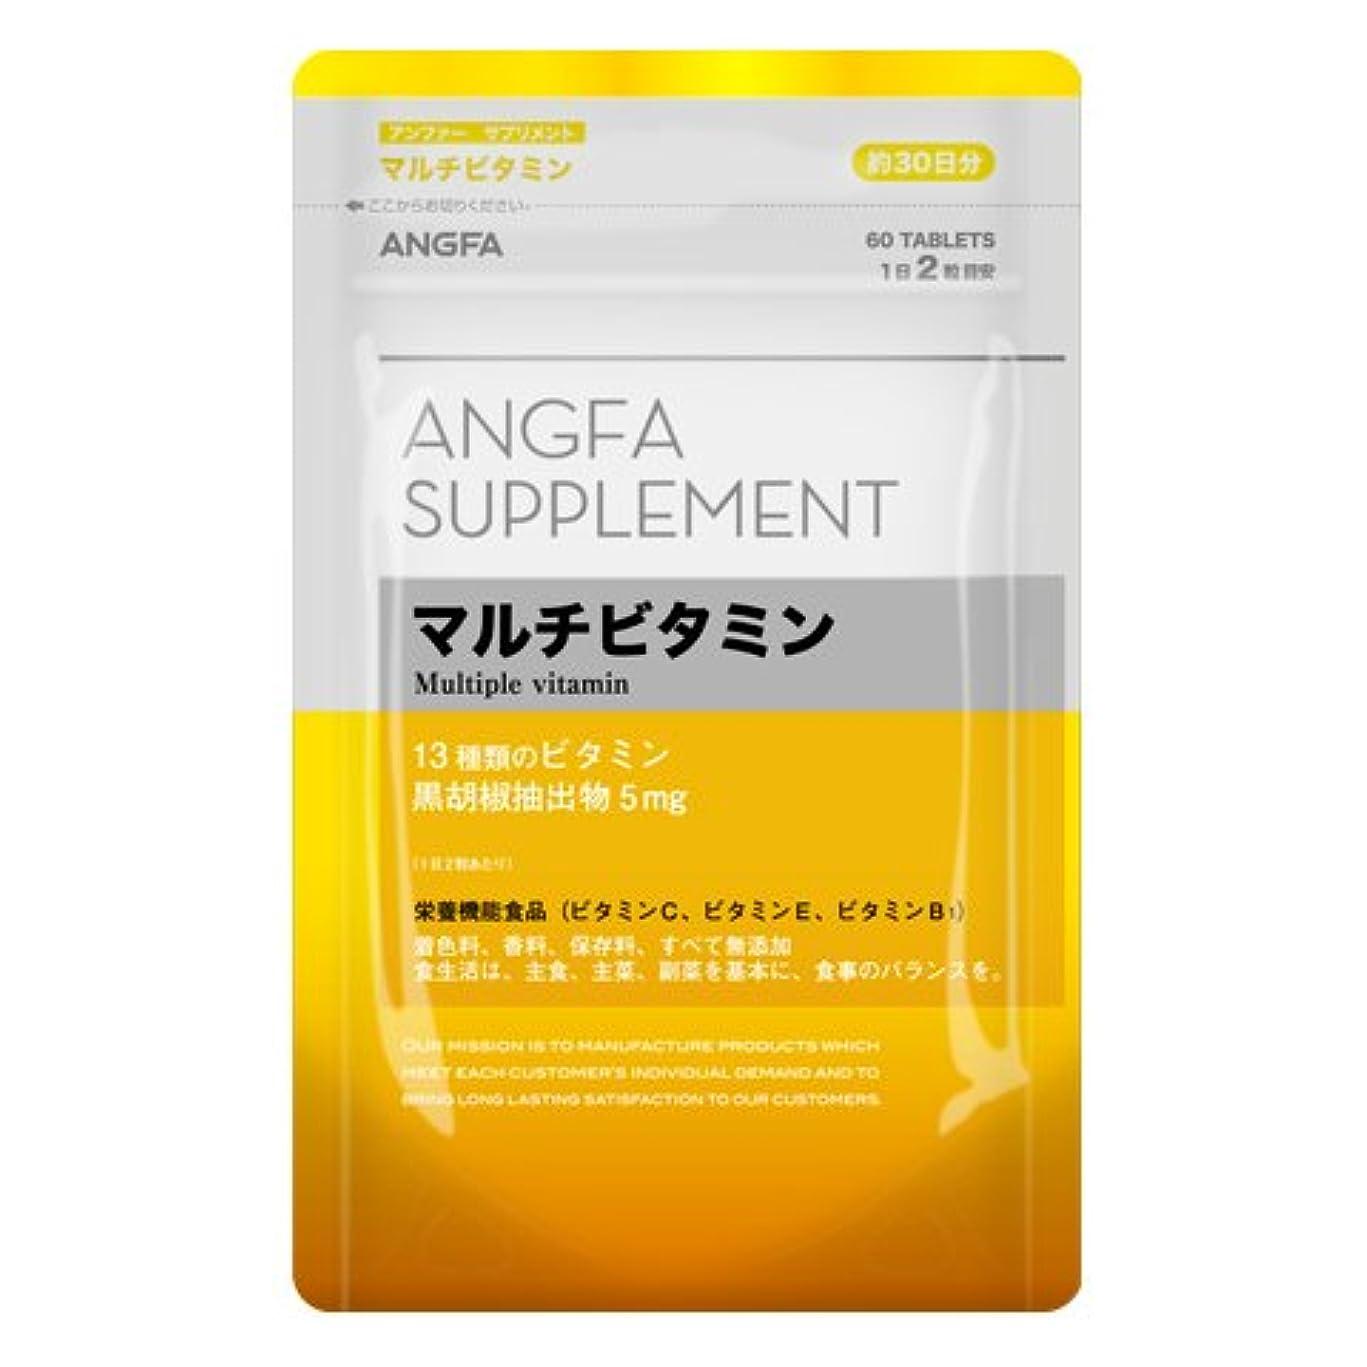 否認する呼び起こすサイレンアンファー (ANGFA) サプリメント マルチビタミン 60粒